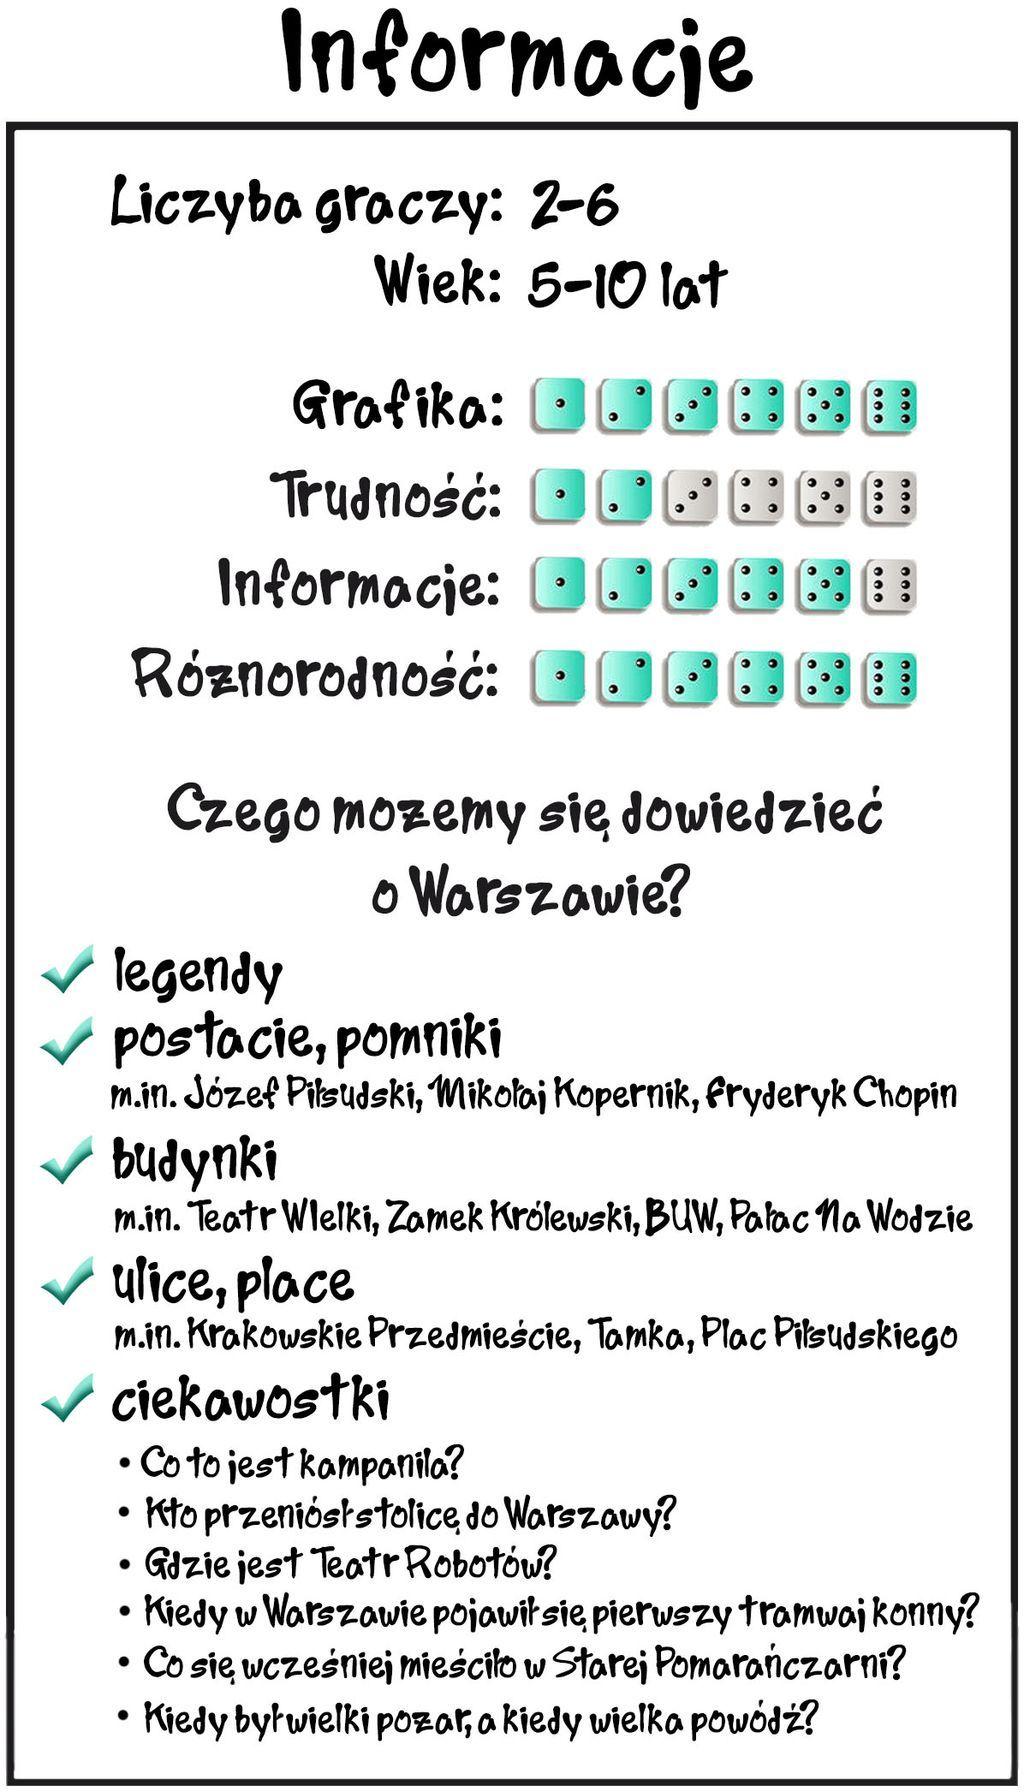 7_informacje